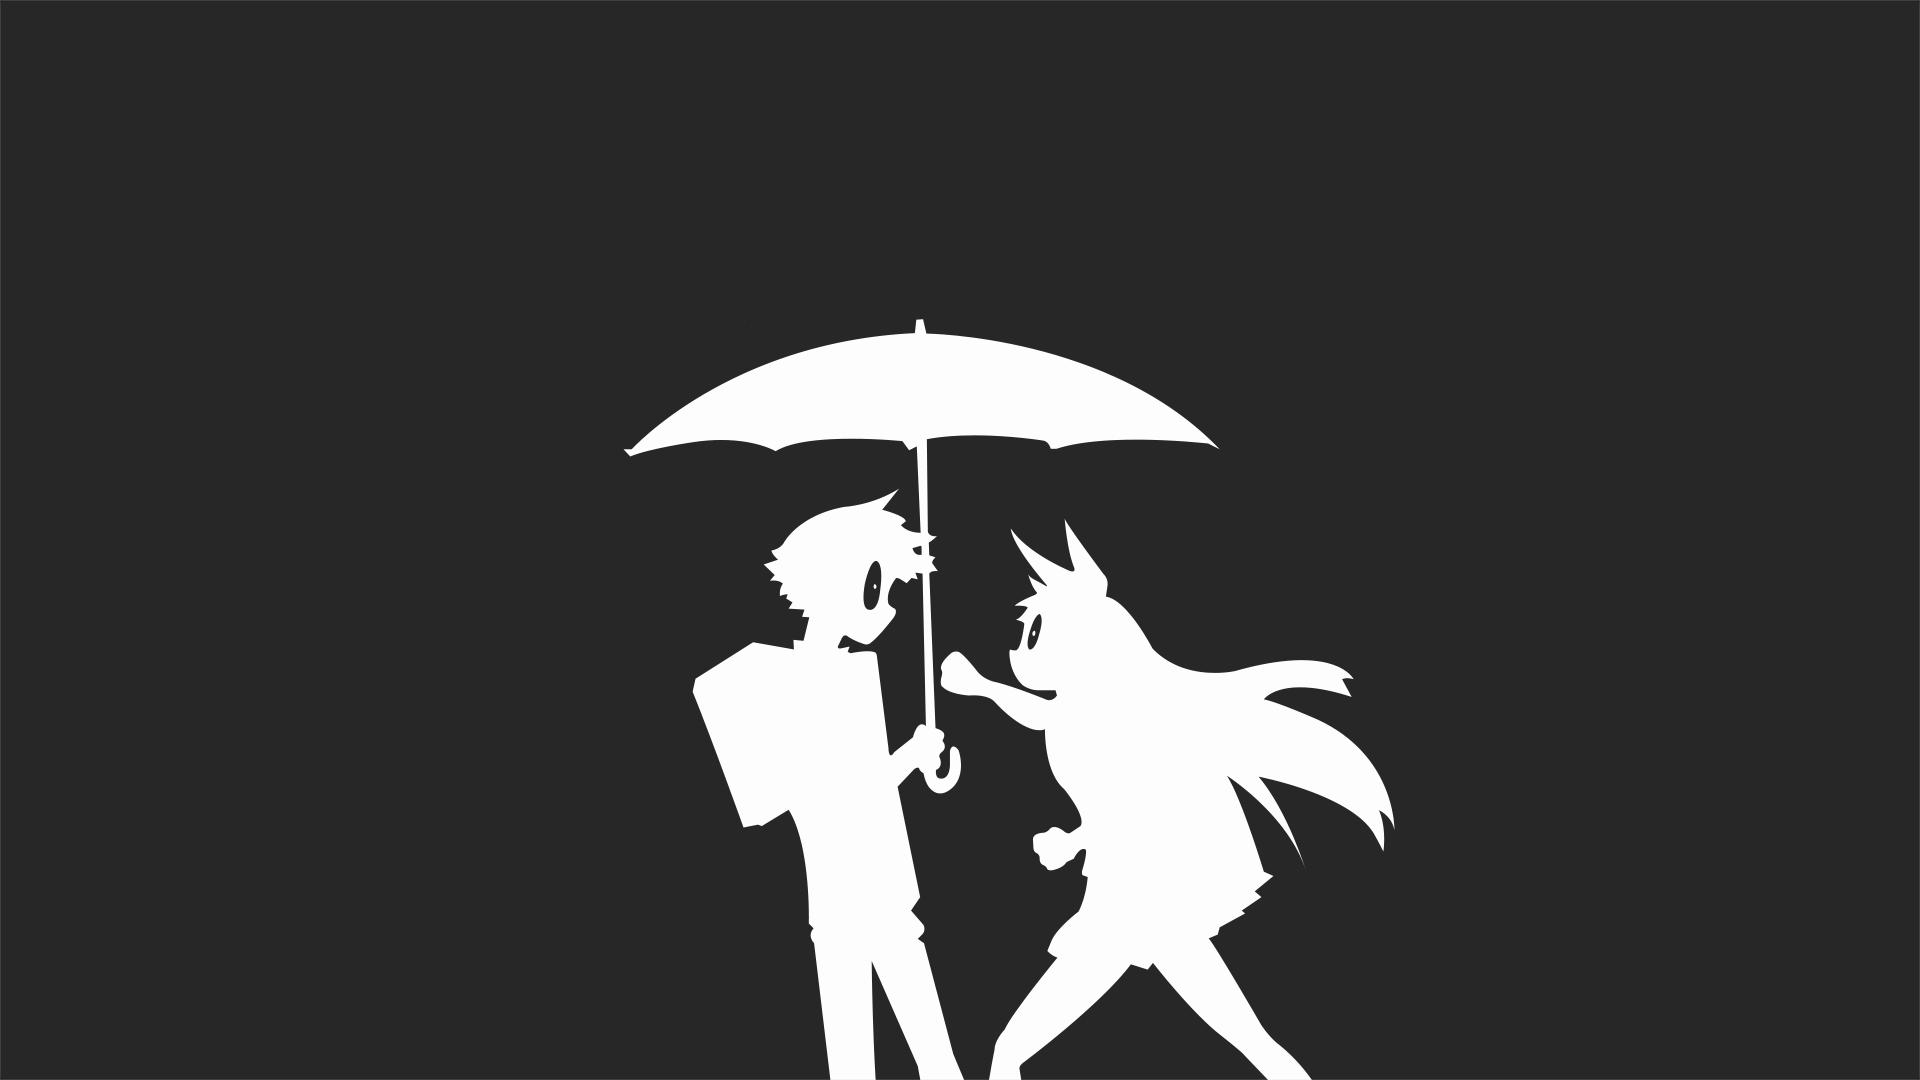 デスクトップ壁紙 図 アニメの女の子 ミニマリズム シルエット